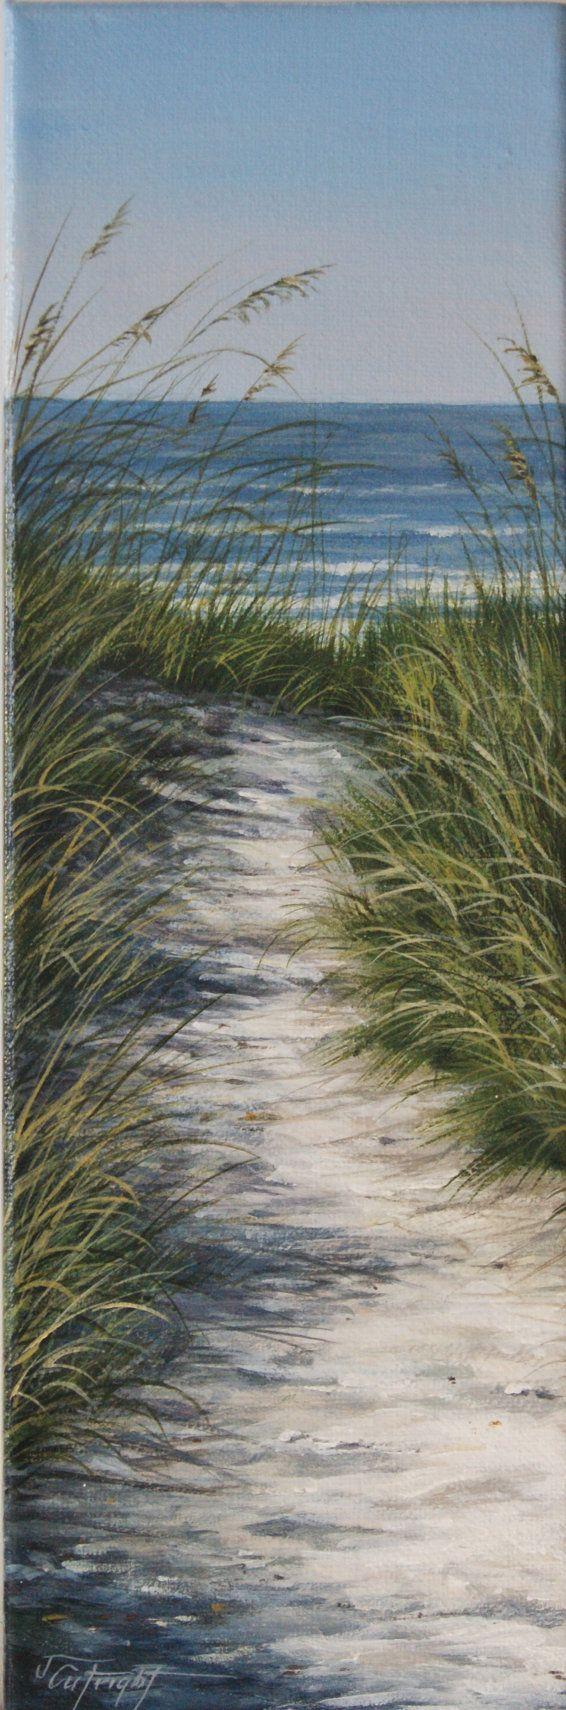 Fino arte Original acrílico pintura de por JCutrightArtStudio